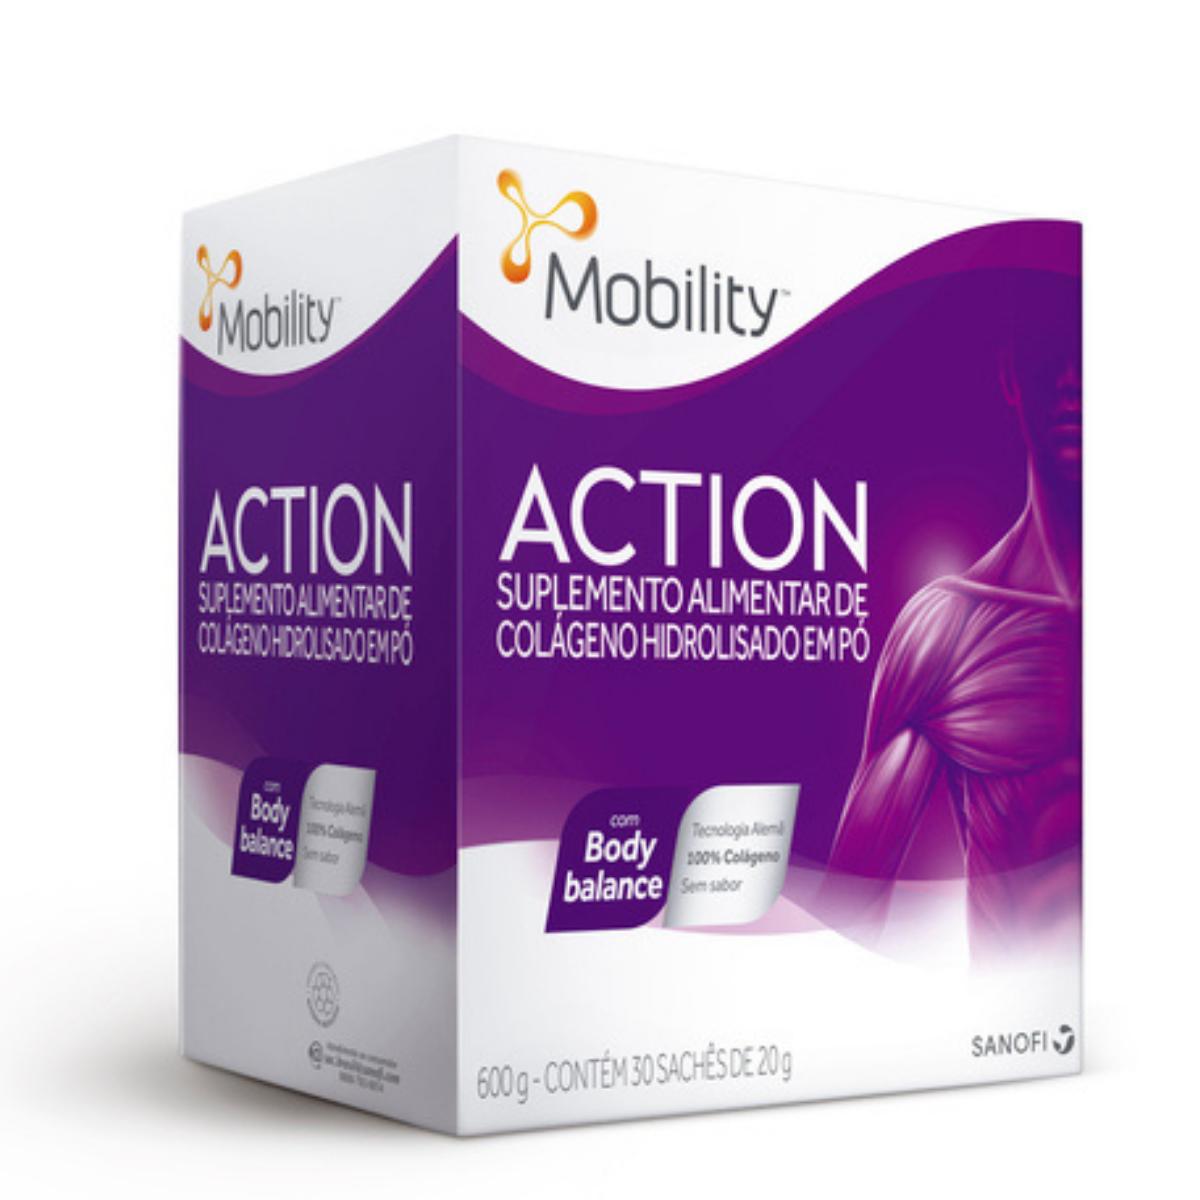 Mobility Action com 30 sachês de 20g